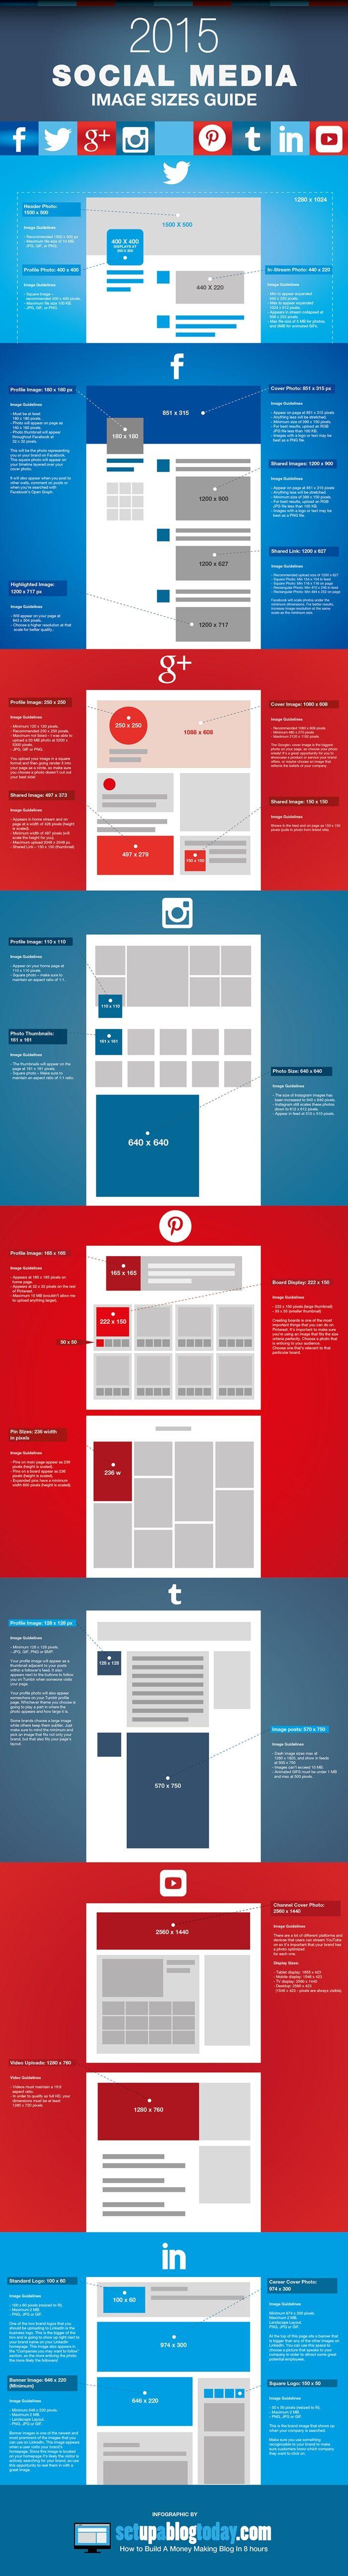 Guía de las medidas perfectas para imágenes en #SocialMedia 2015